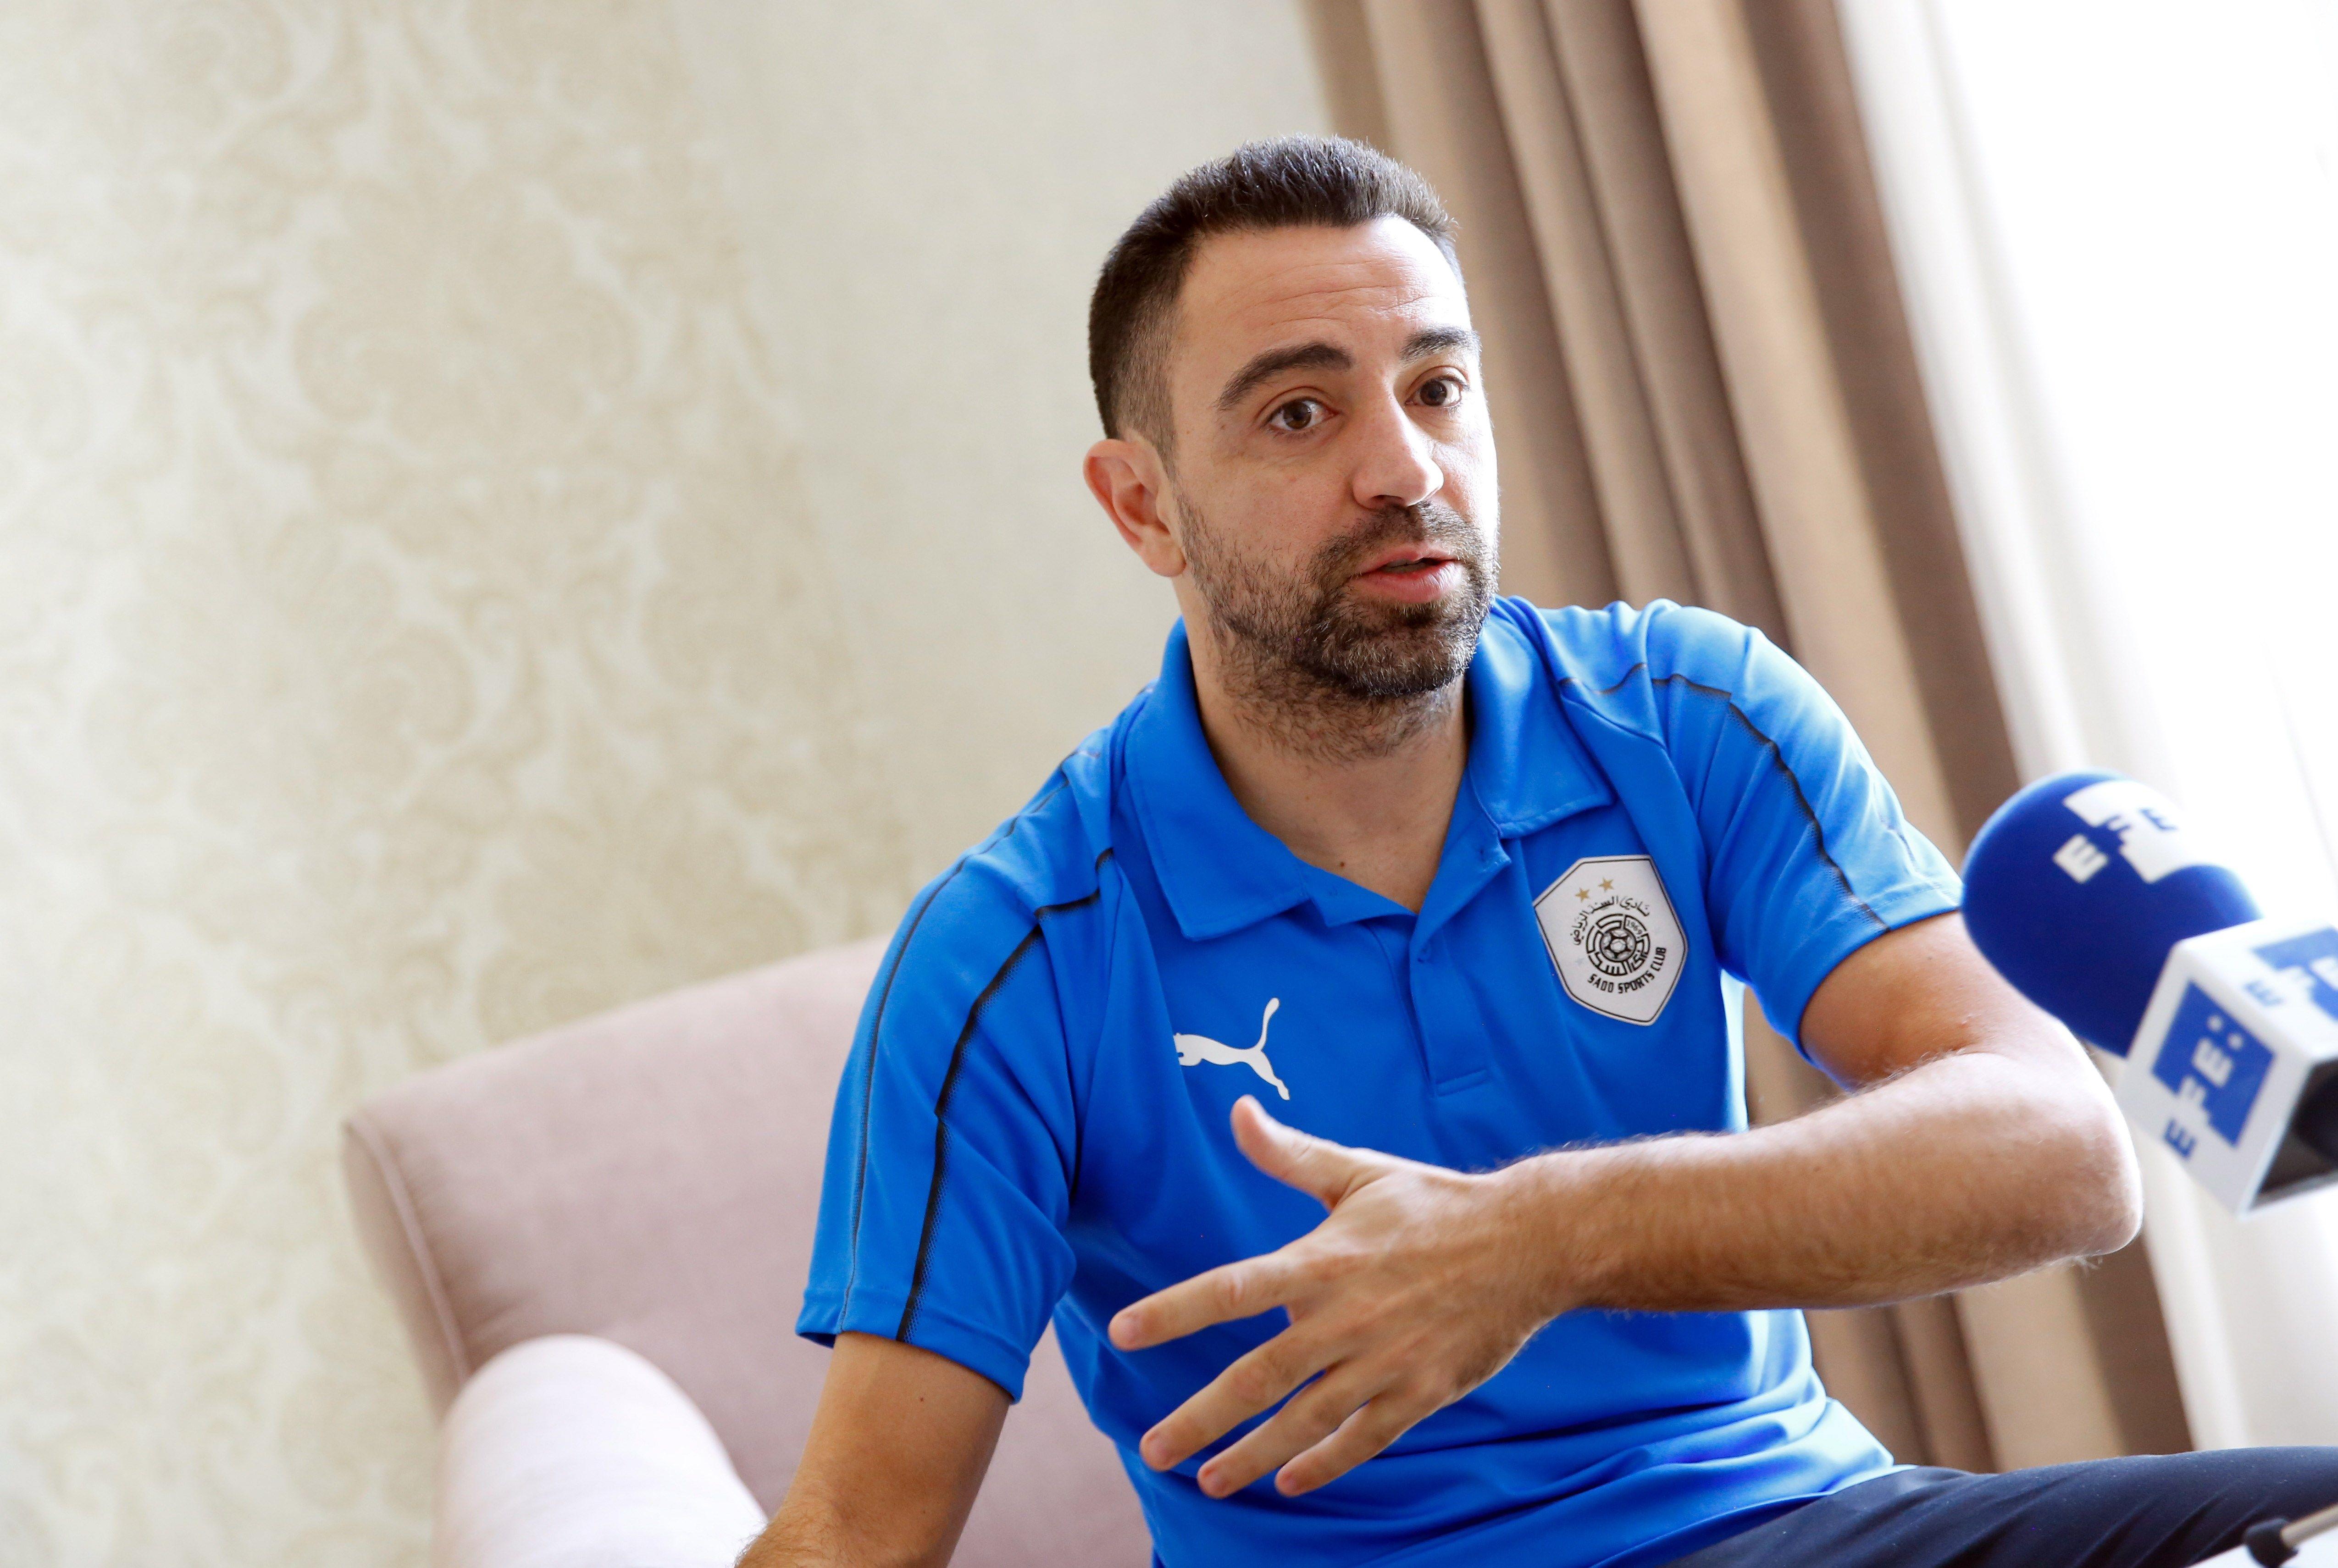 El excapitán del FC Barcelona y actual jugador del club qatarí Al Sadd SC, se despide del futbol ilusionado con entrenar algún al Barcelona. (Foto Prensa Libre: EFE)